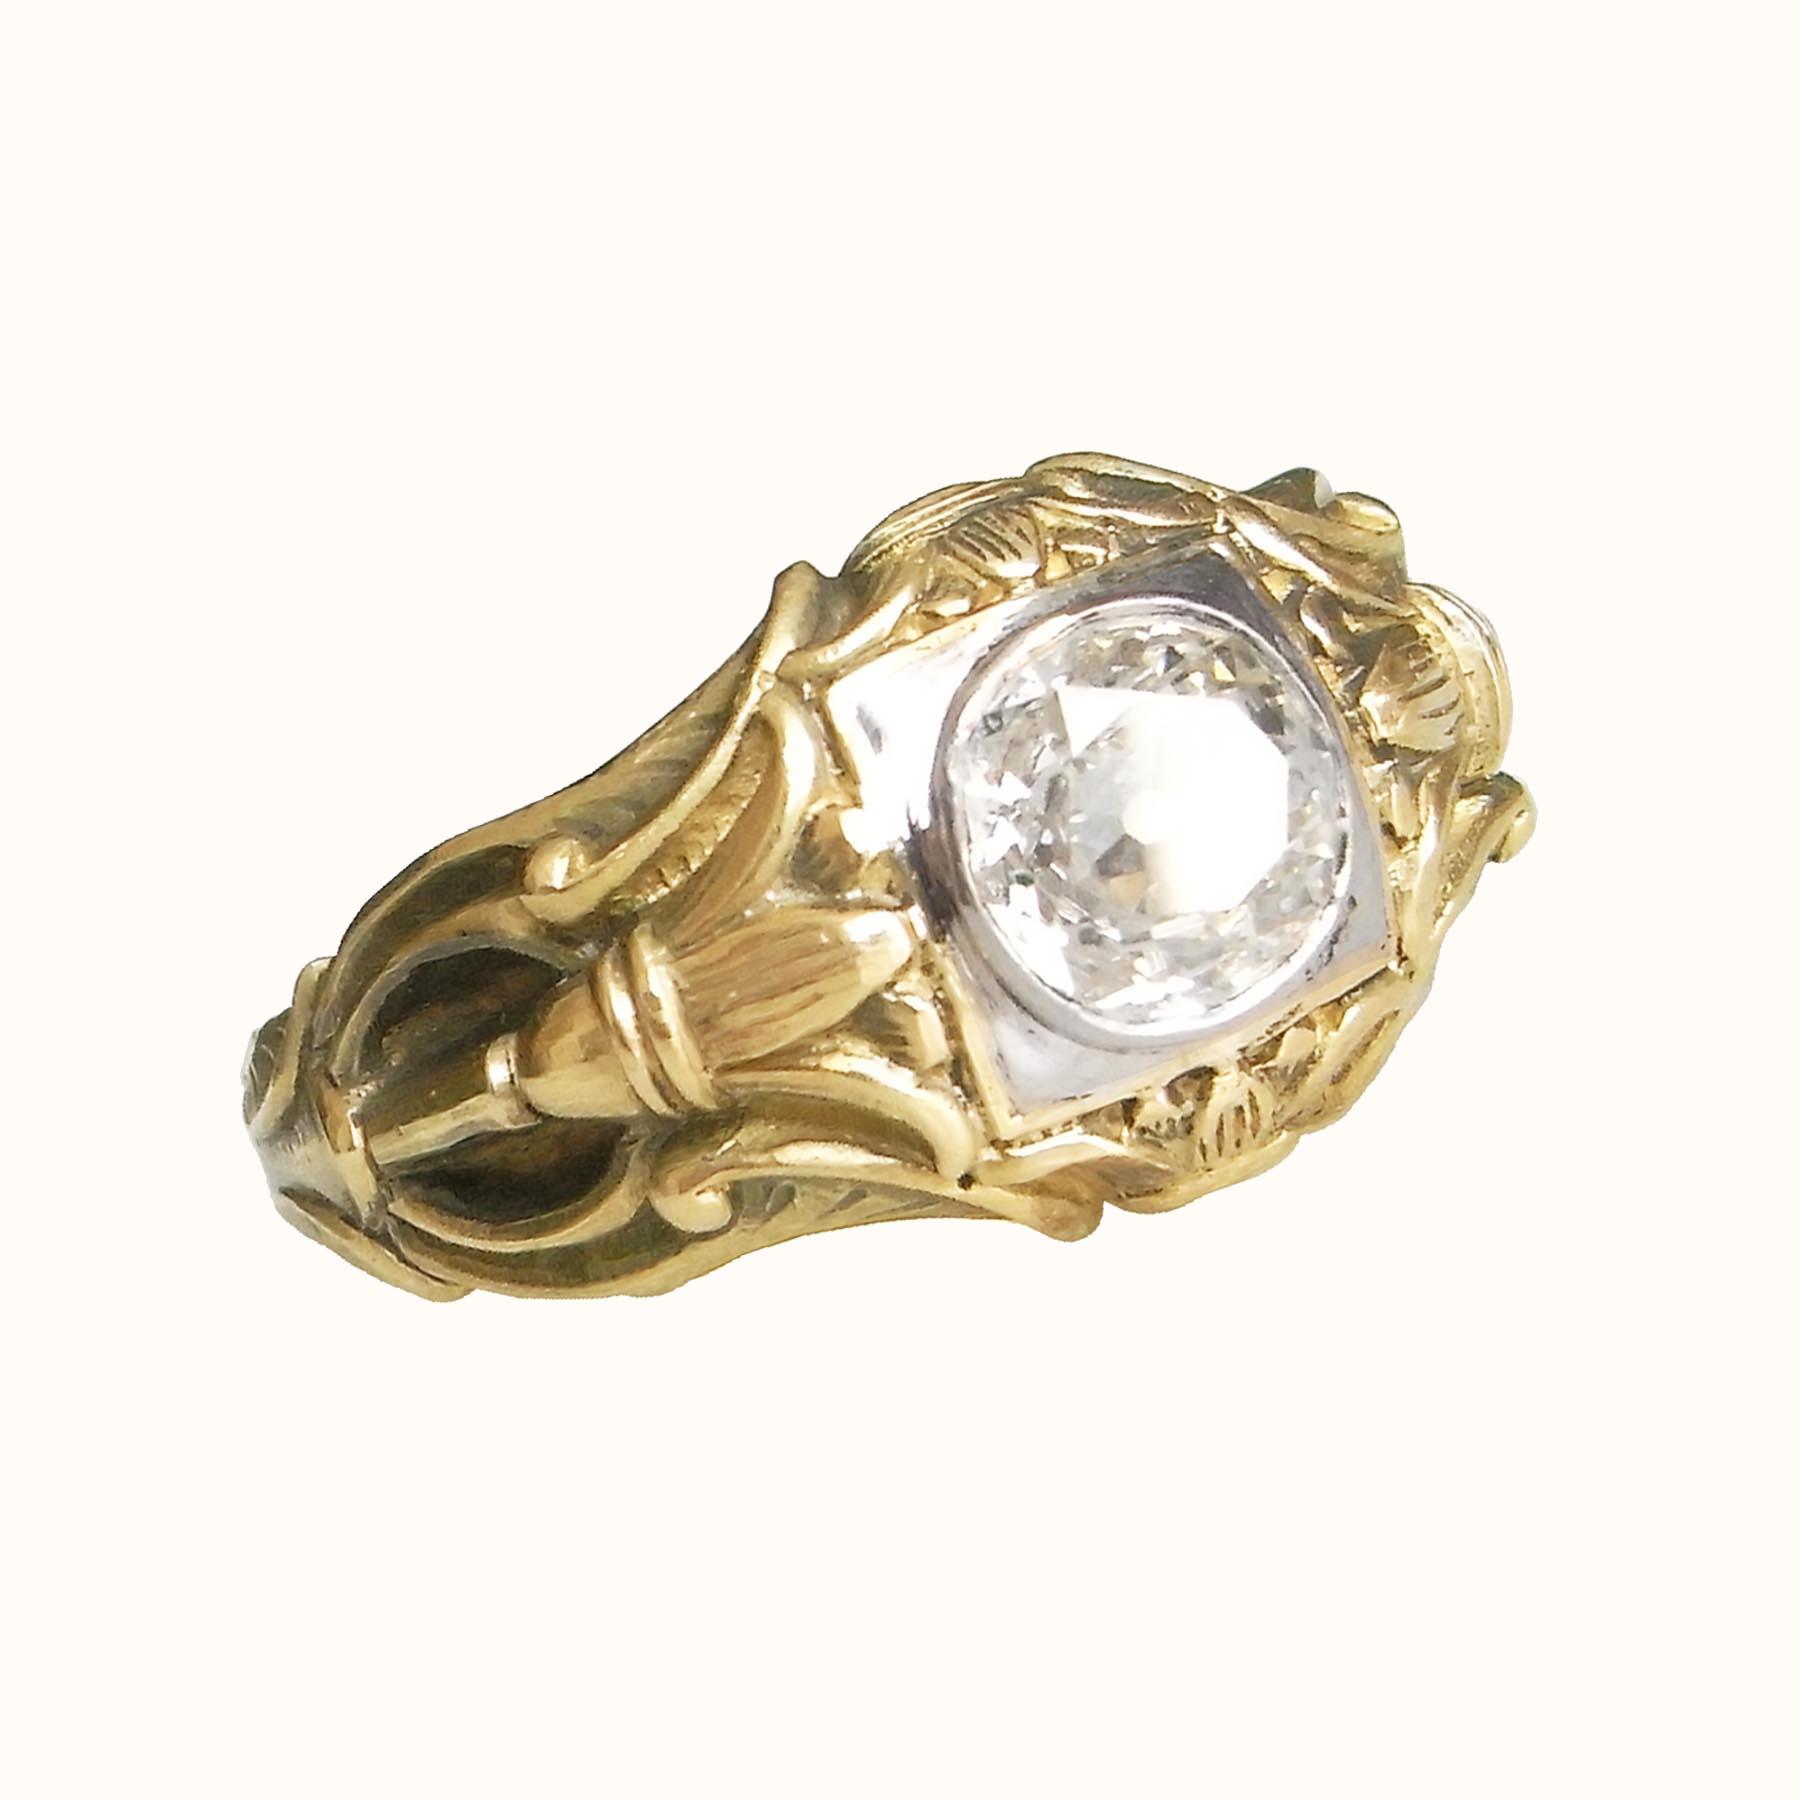 フランスの18金製アンティークジュエリーのダイヤモンド指輪